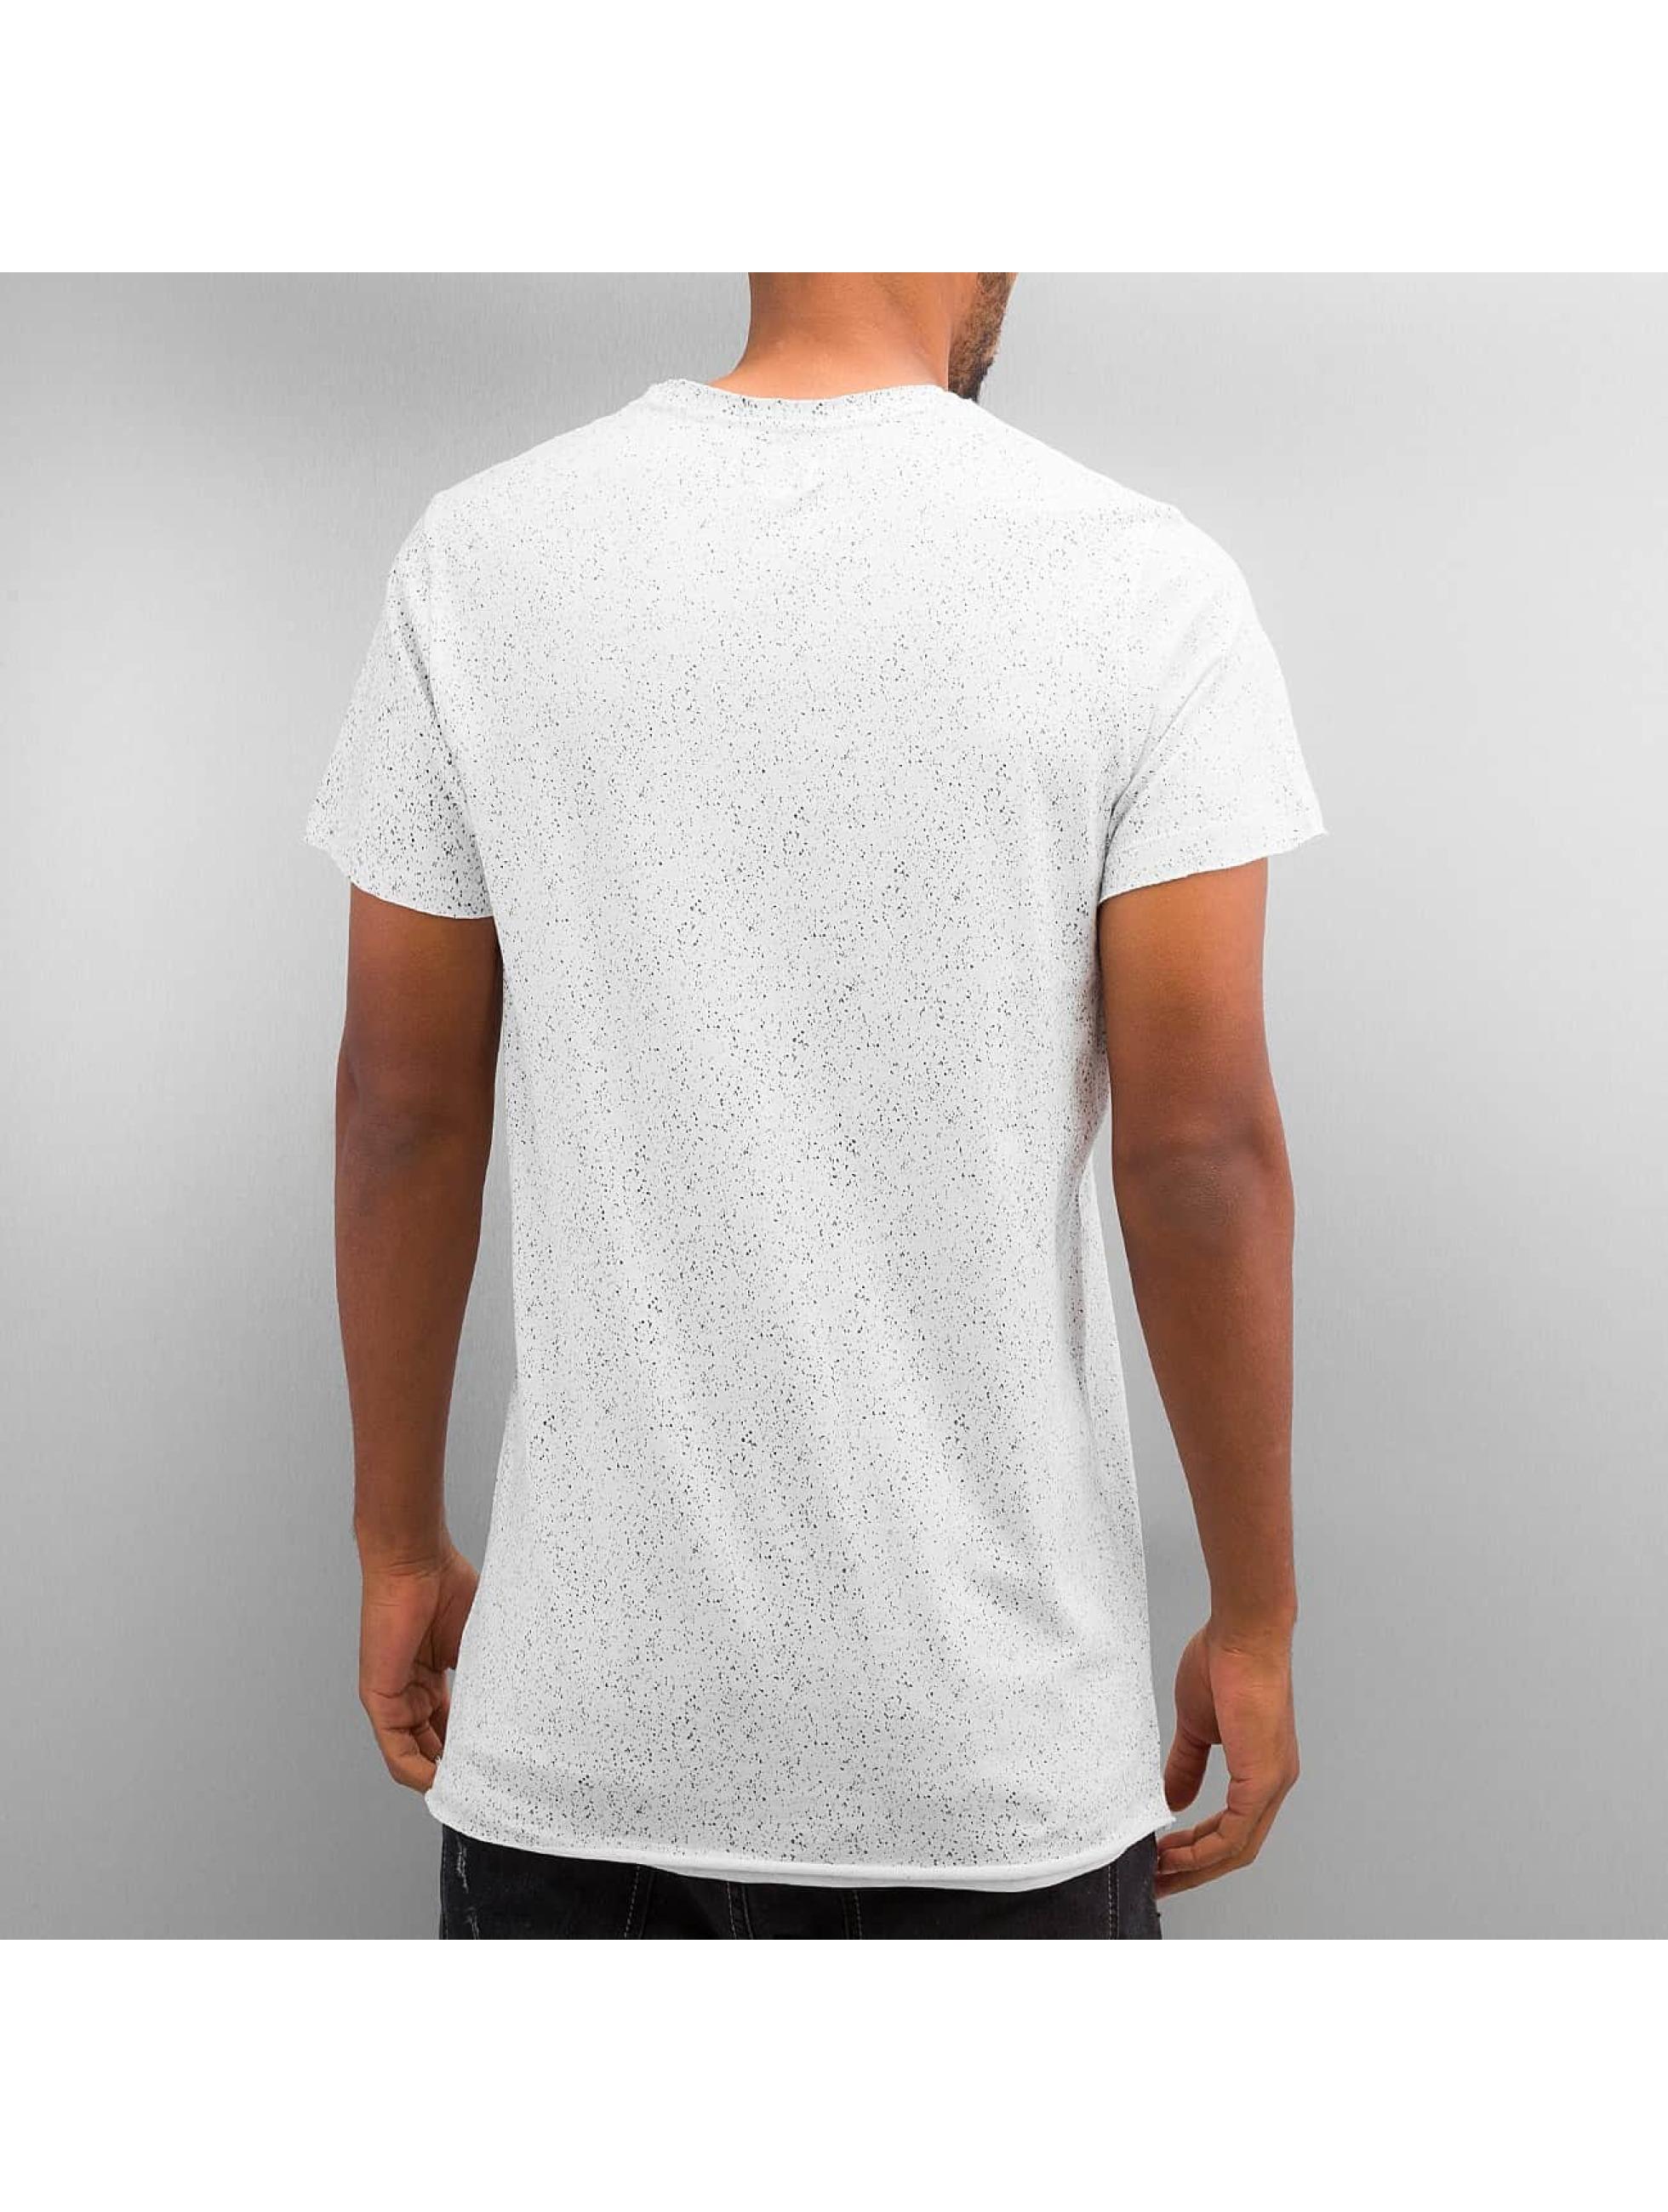 SHINE Original T-Shirt All Over blanc